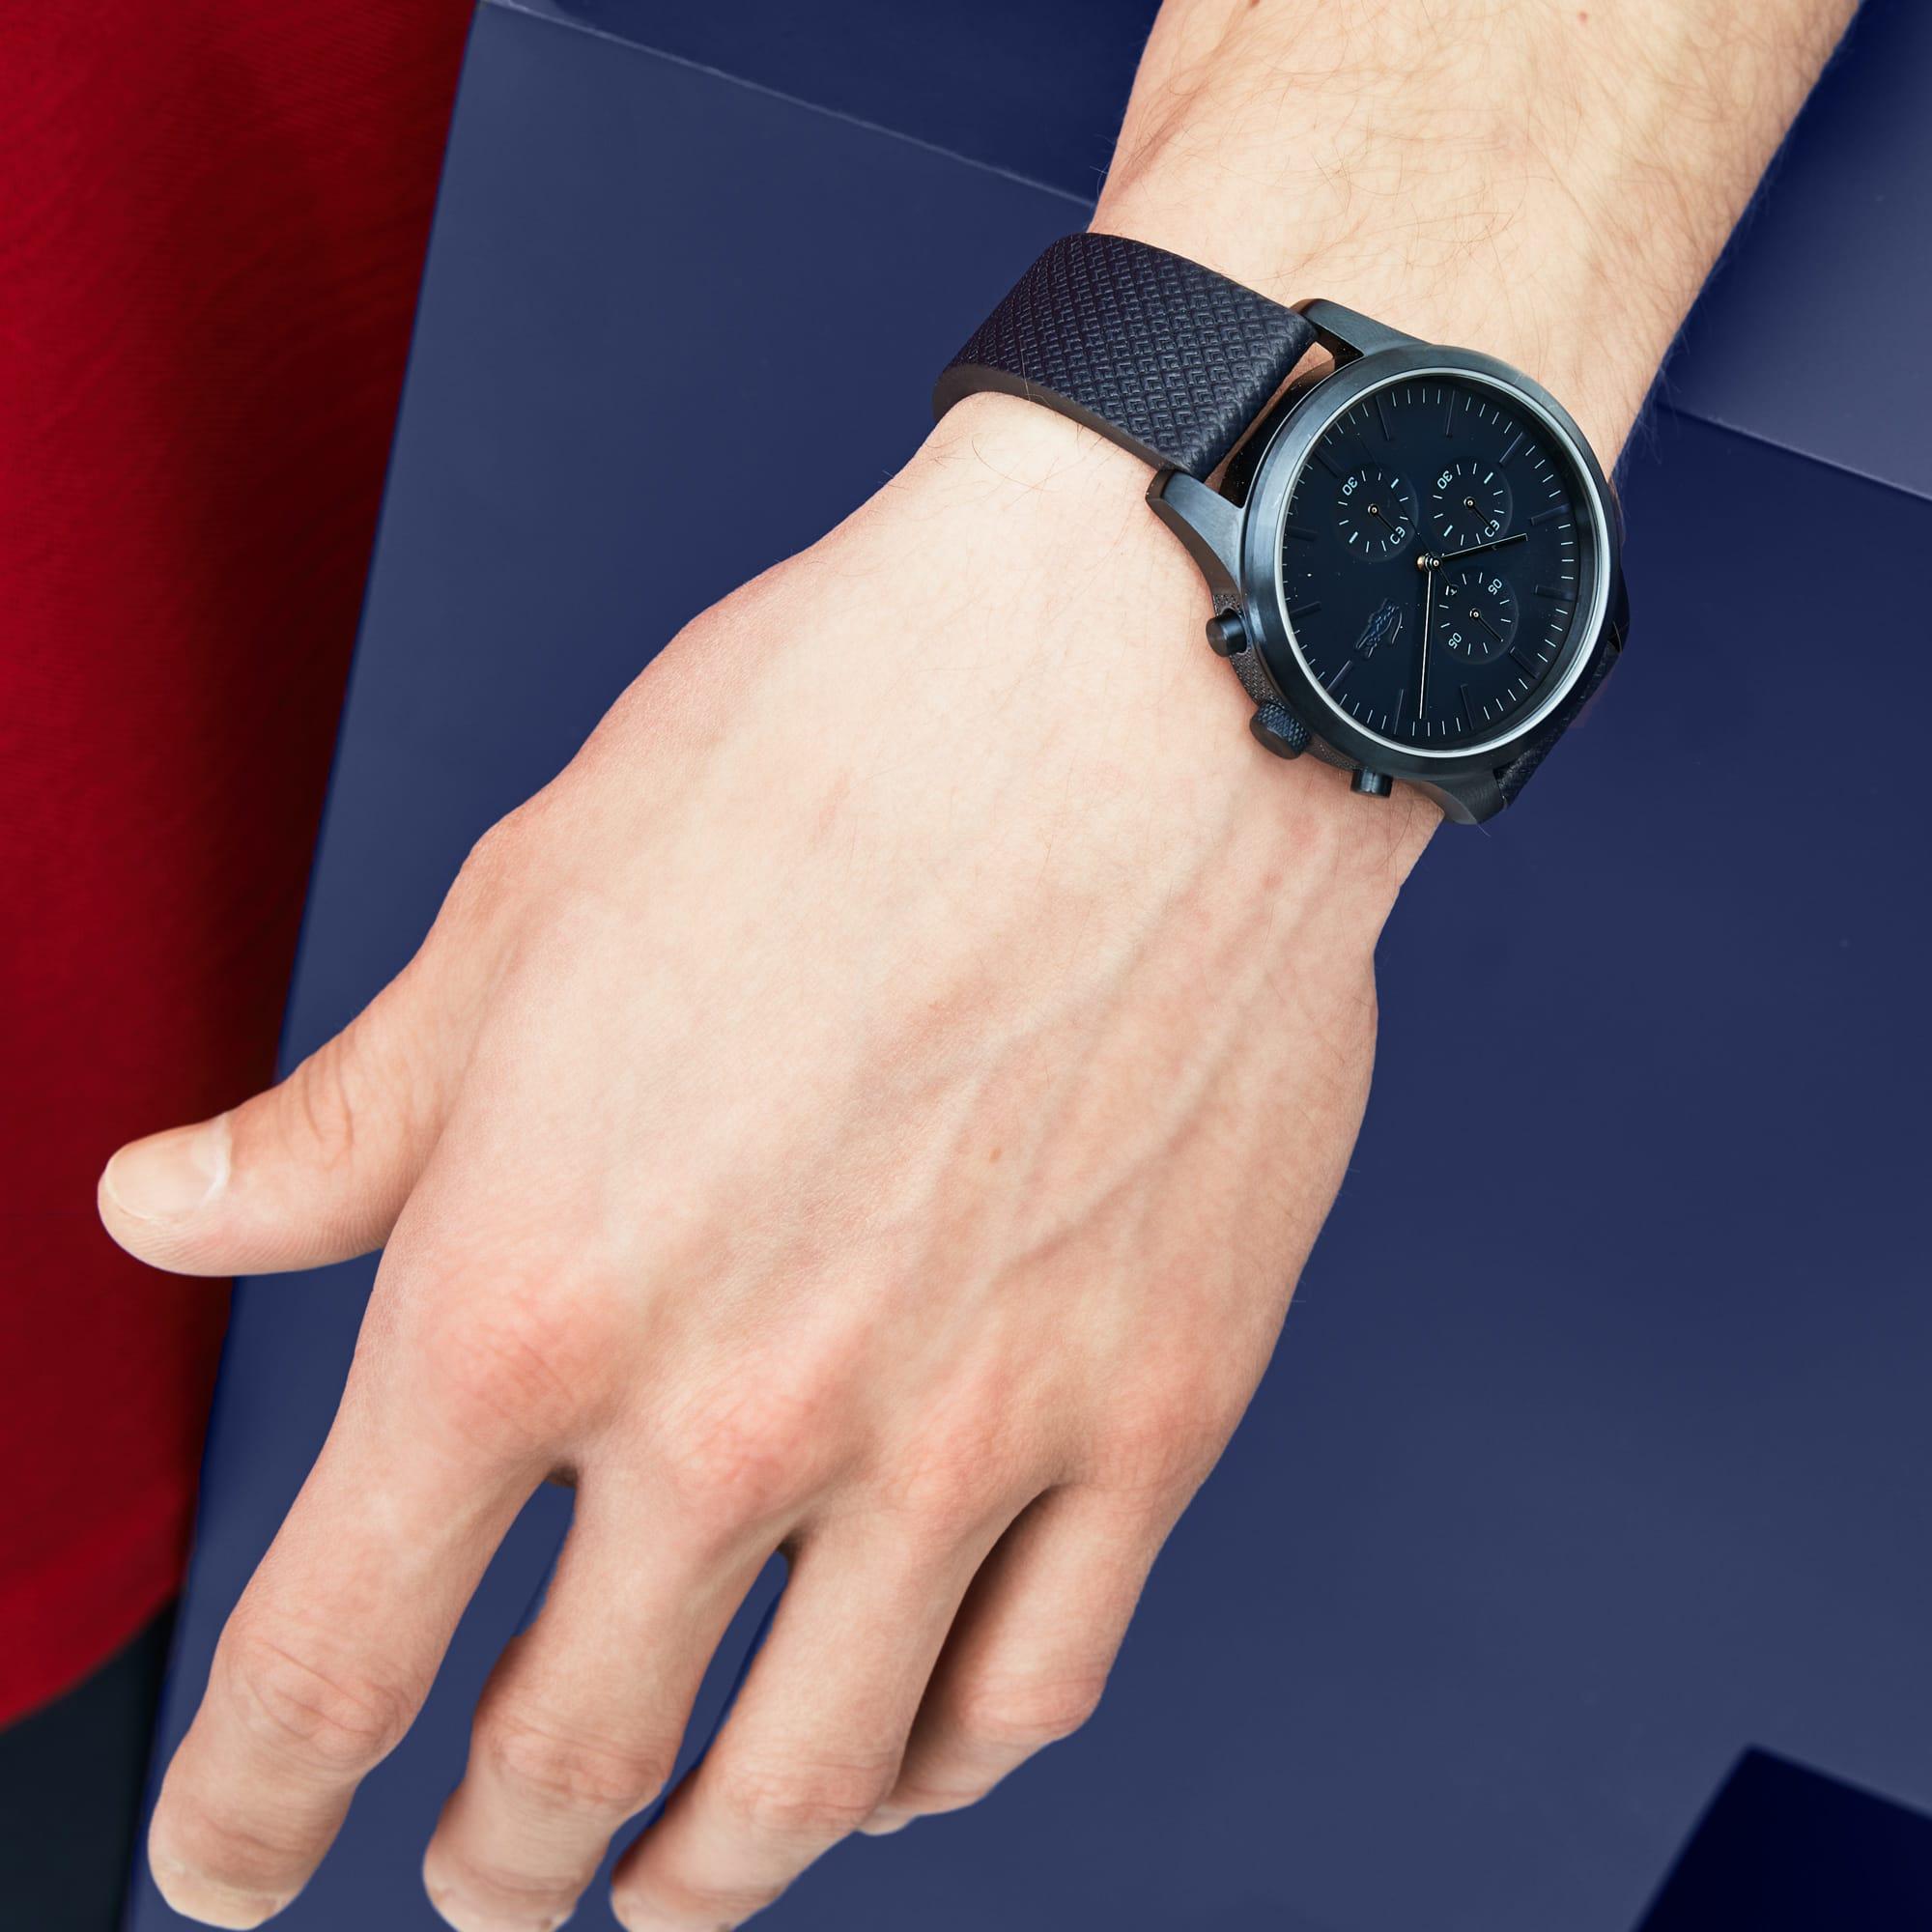 Reloj de Hombre Lacoste L.12.12 85Th Anniversary con Cronógrafo Y Correa Azul de Piel con Textura de Petit Piqué En Relieve